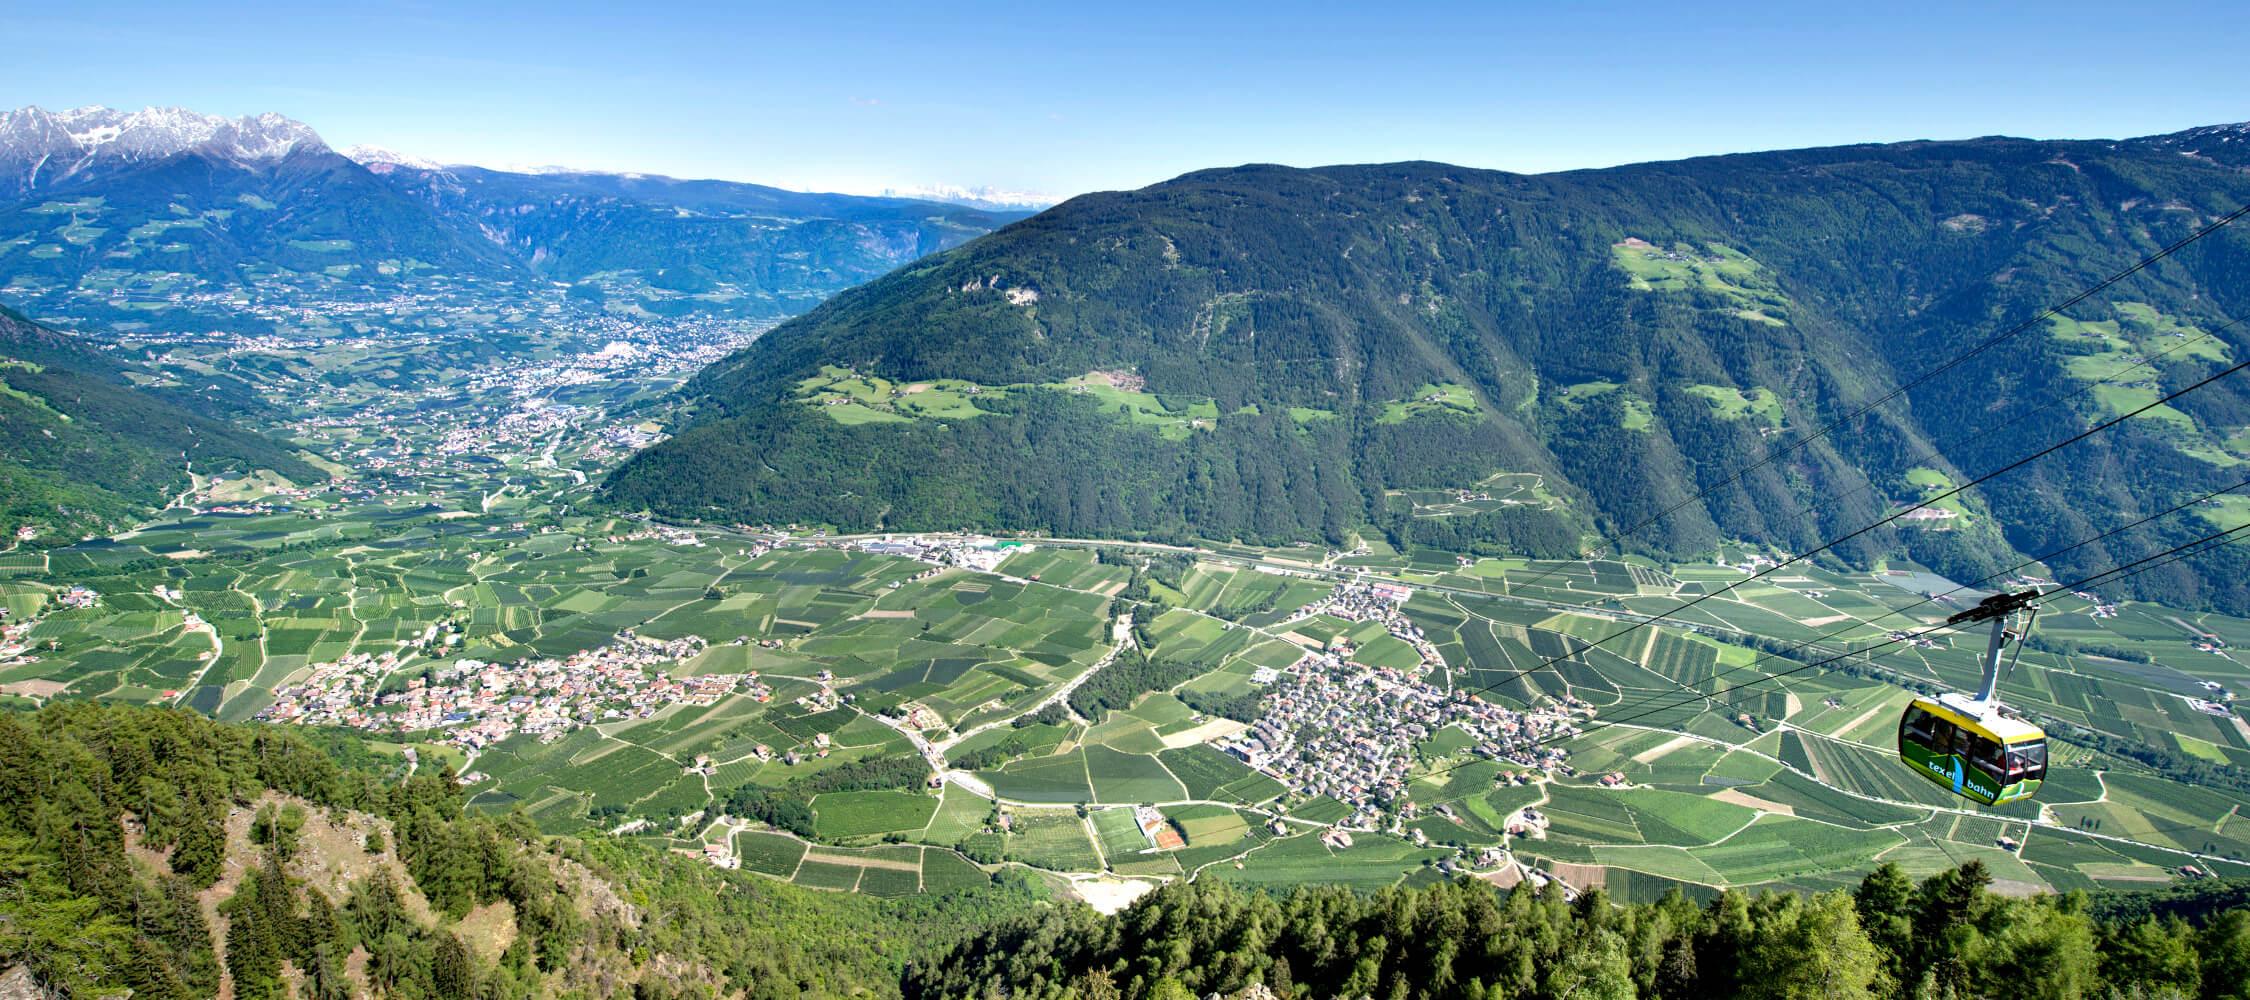 Italien-Trentino_Suedtirol_Alto_Adige_Merano_Meran_Natur_Panorama_Talkessel_Seilbahn_Partschins_TVPartschins-Helmuth-Rier_mgm00656heri_2250x1000